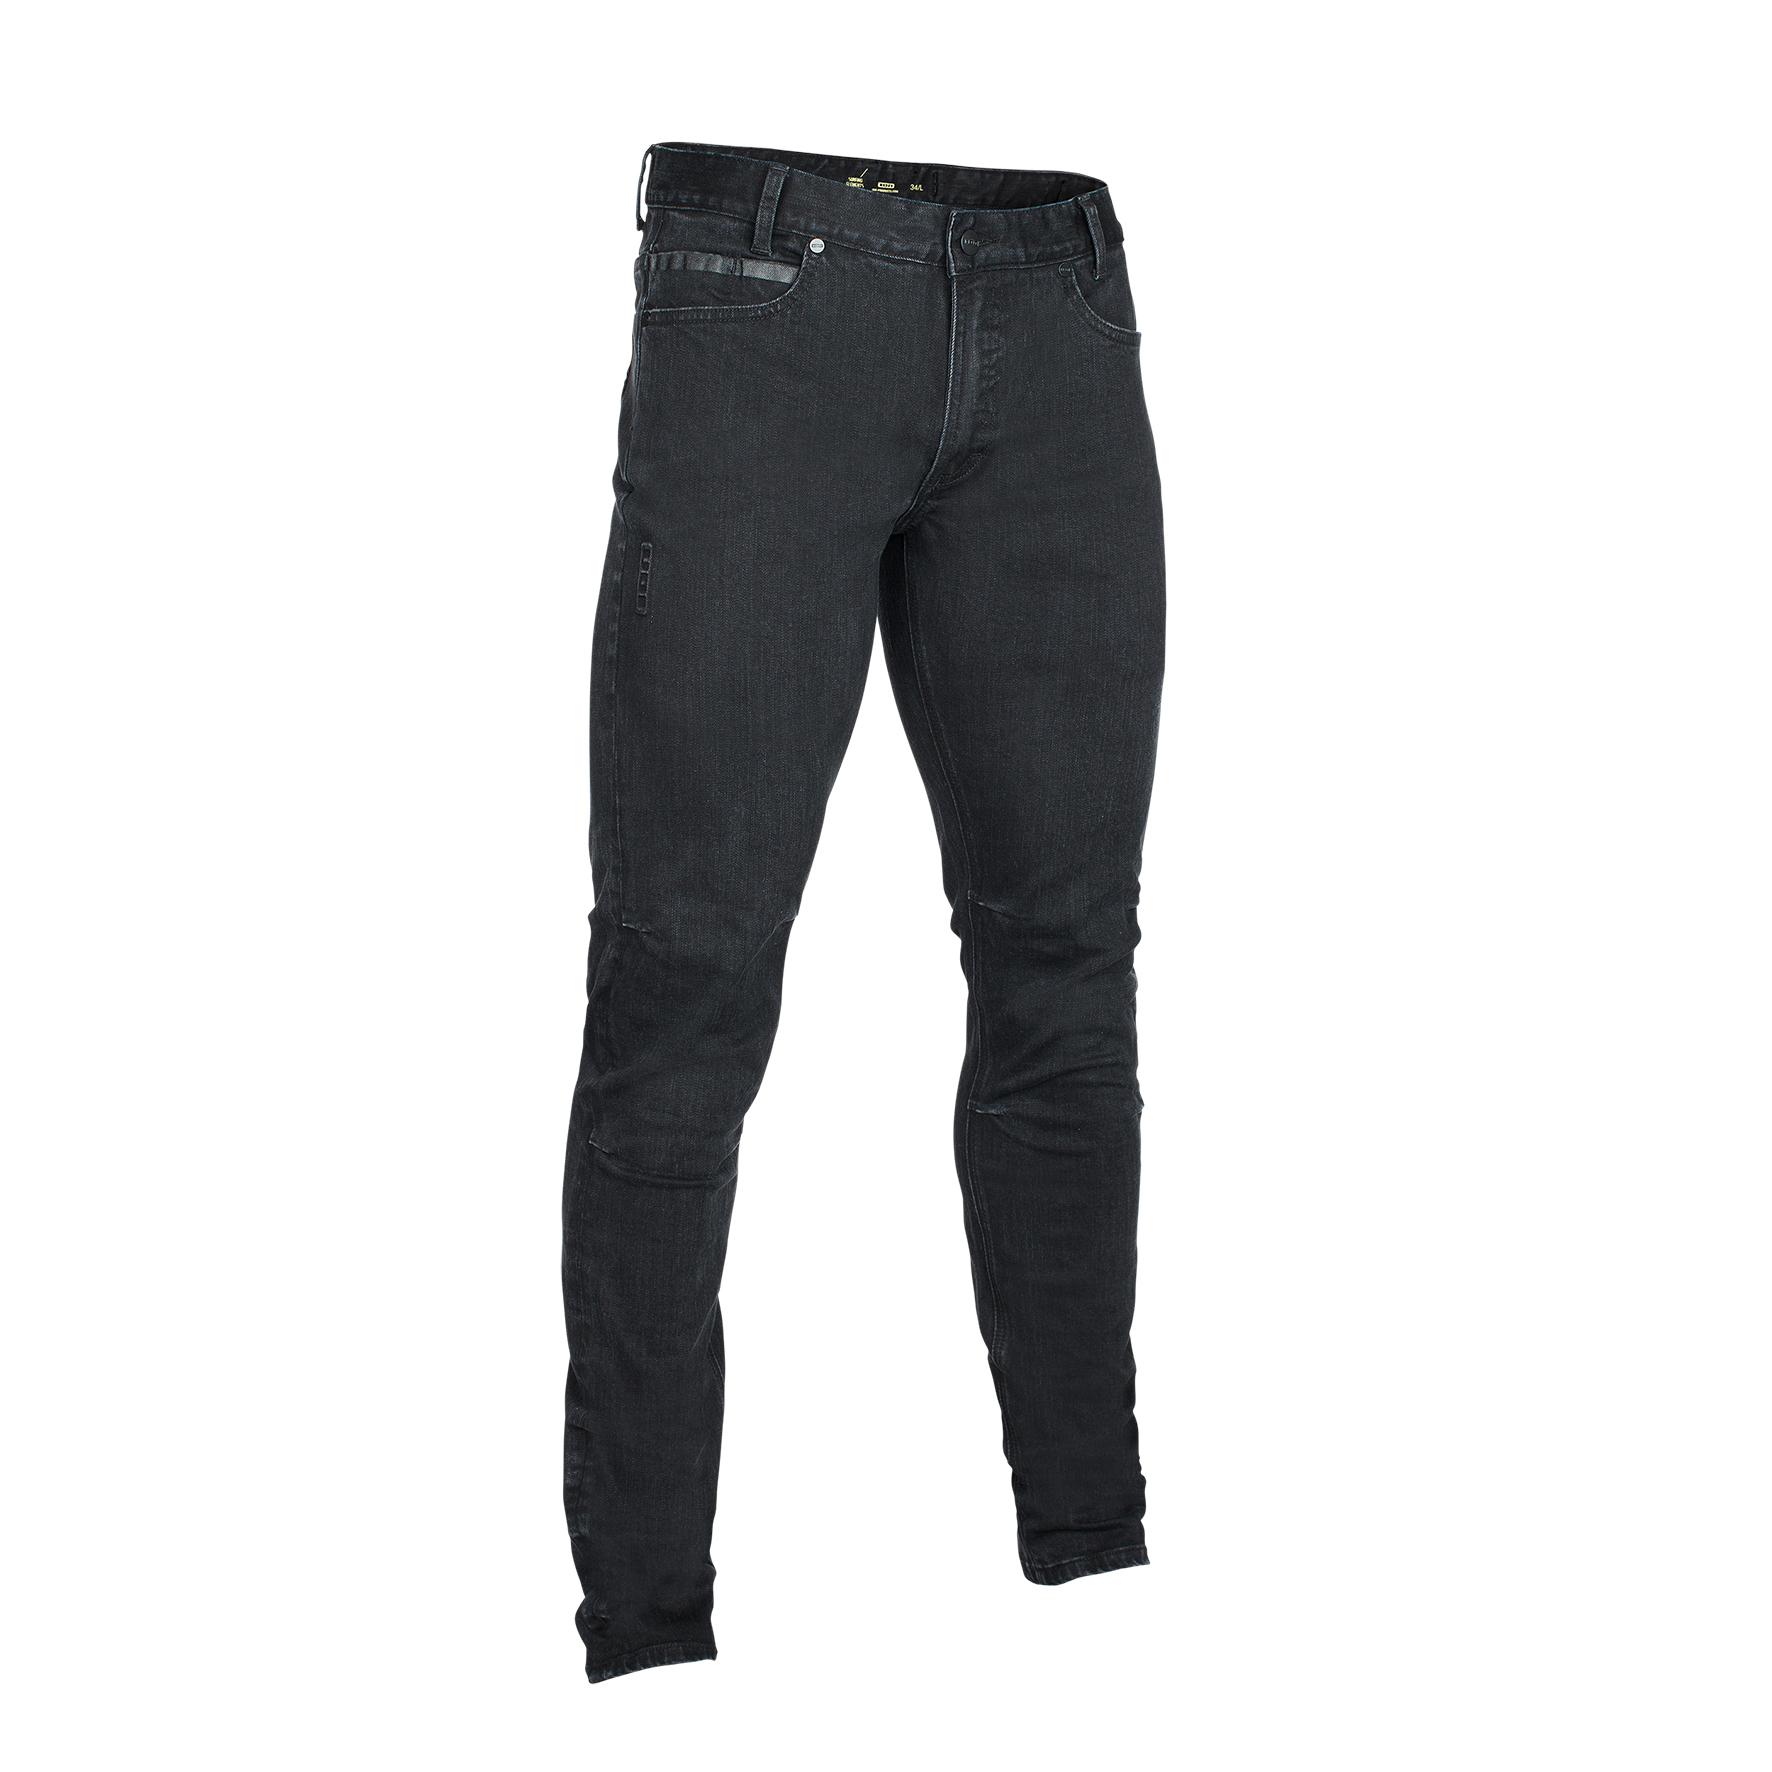 ION Seek Jeans